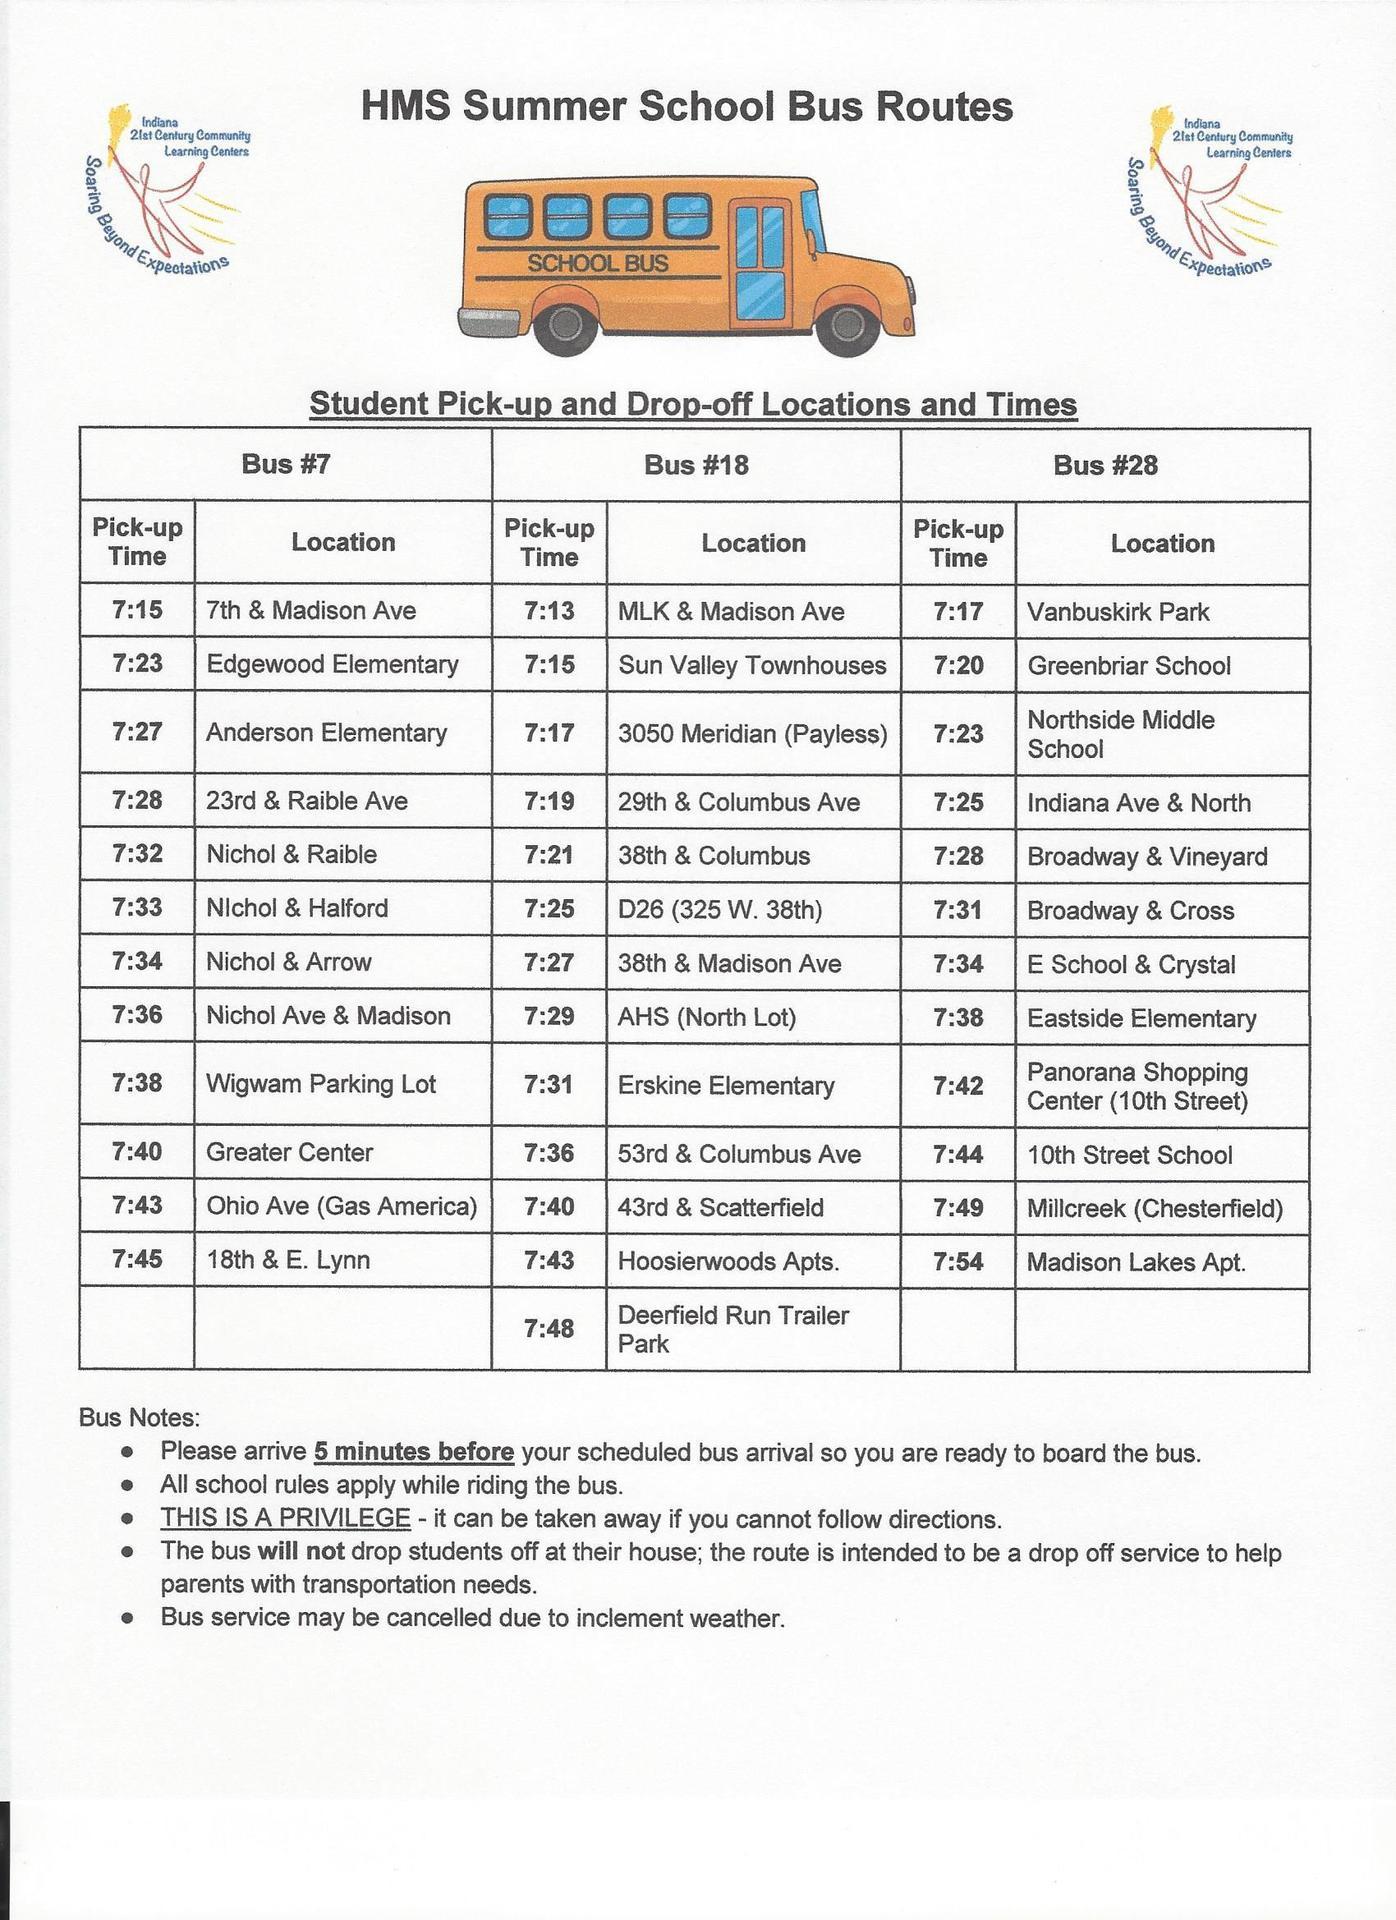 Highland summer school bus schedule